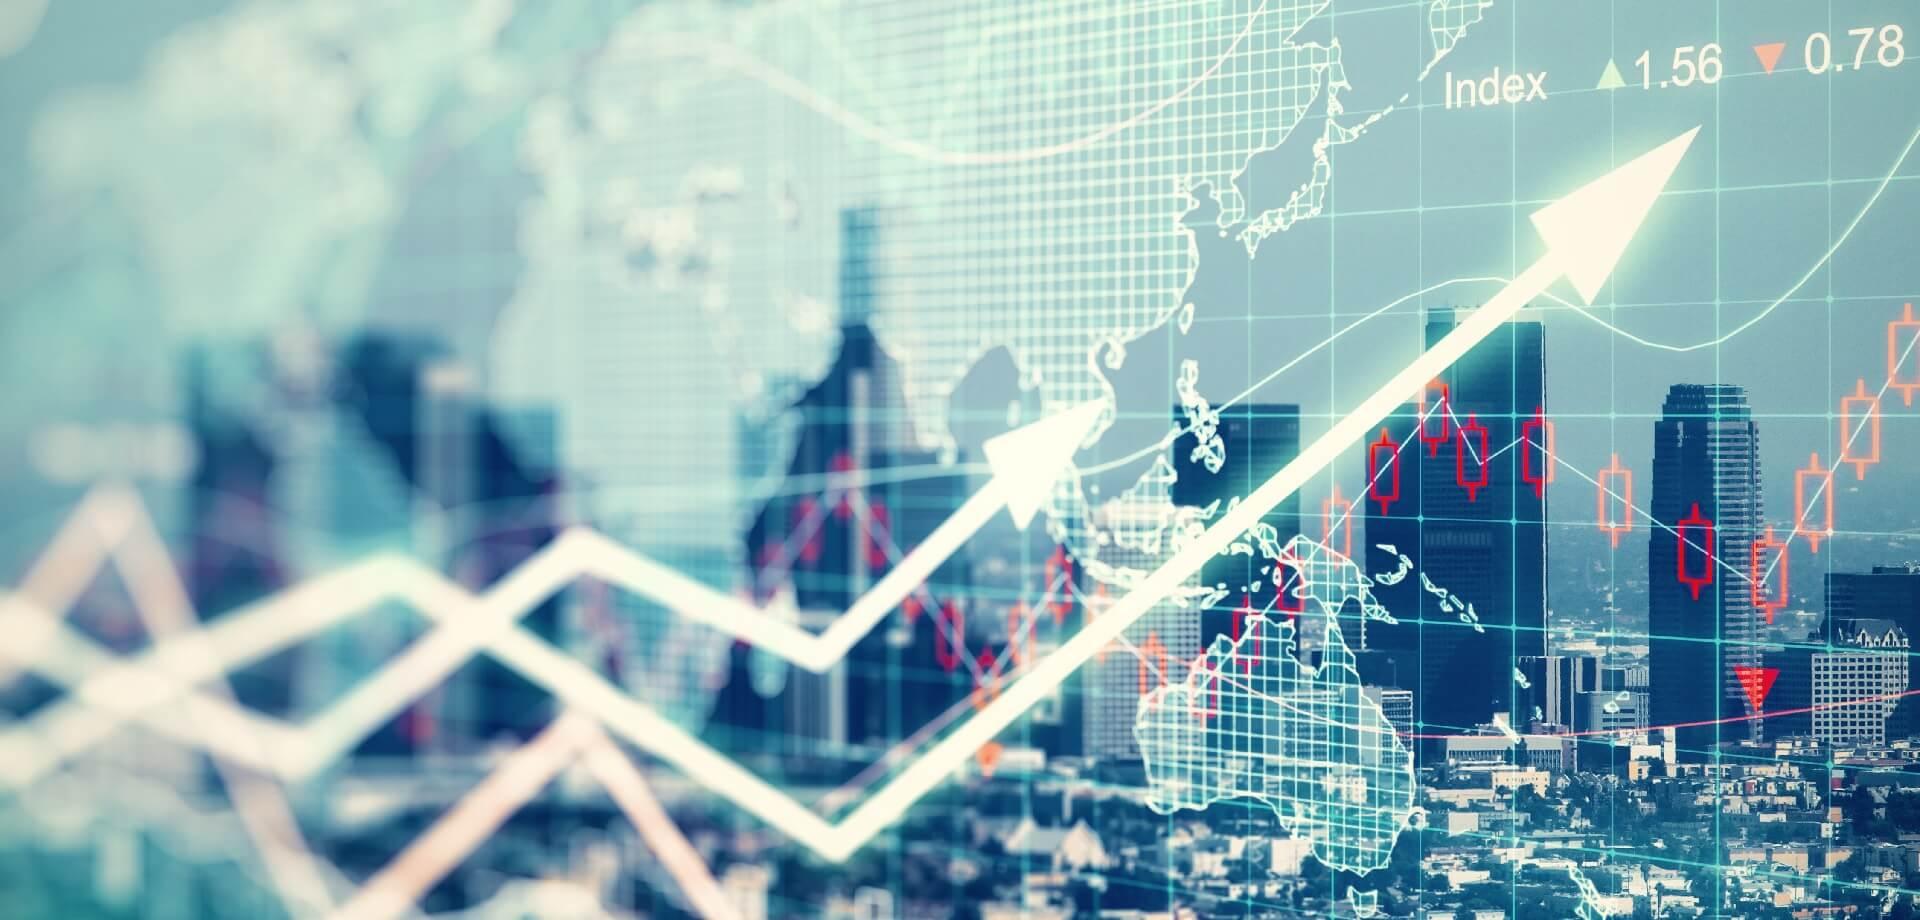 Lịch kinh tế thị trường ngoại hối cho Thứ Năm, ngày 26 tháng 7 năm 2018